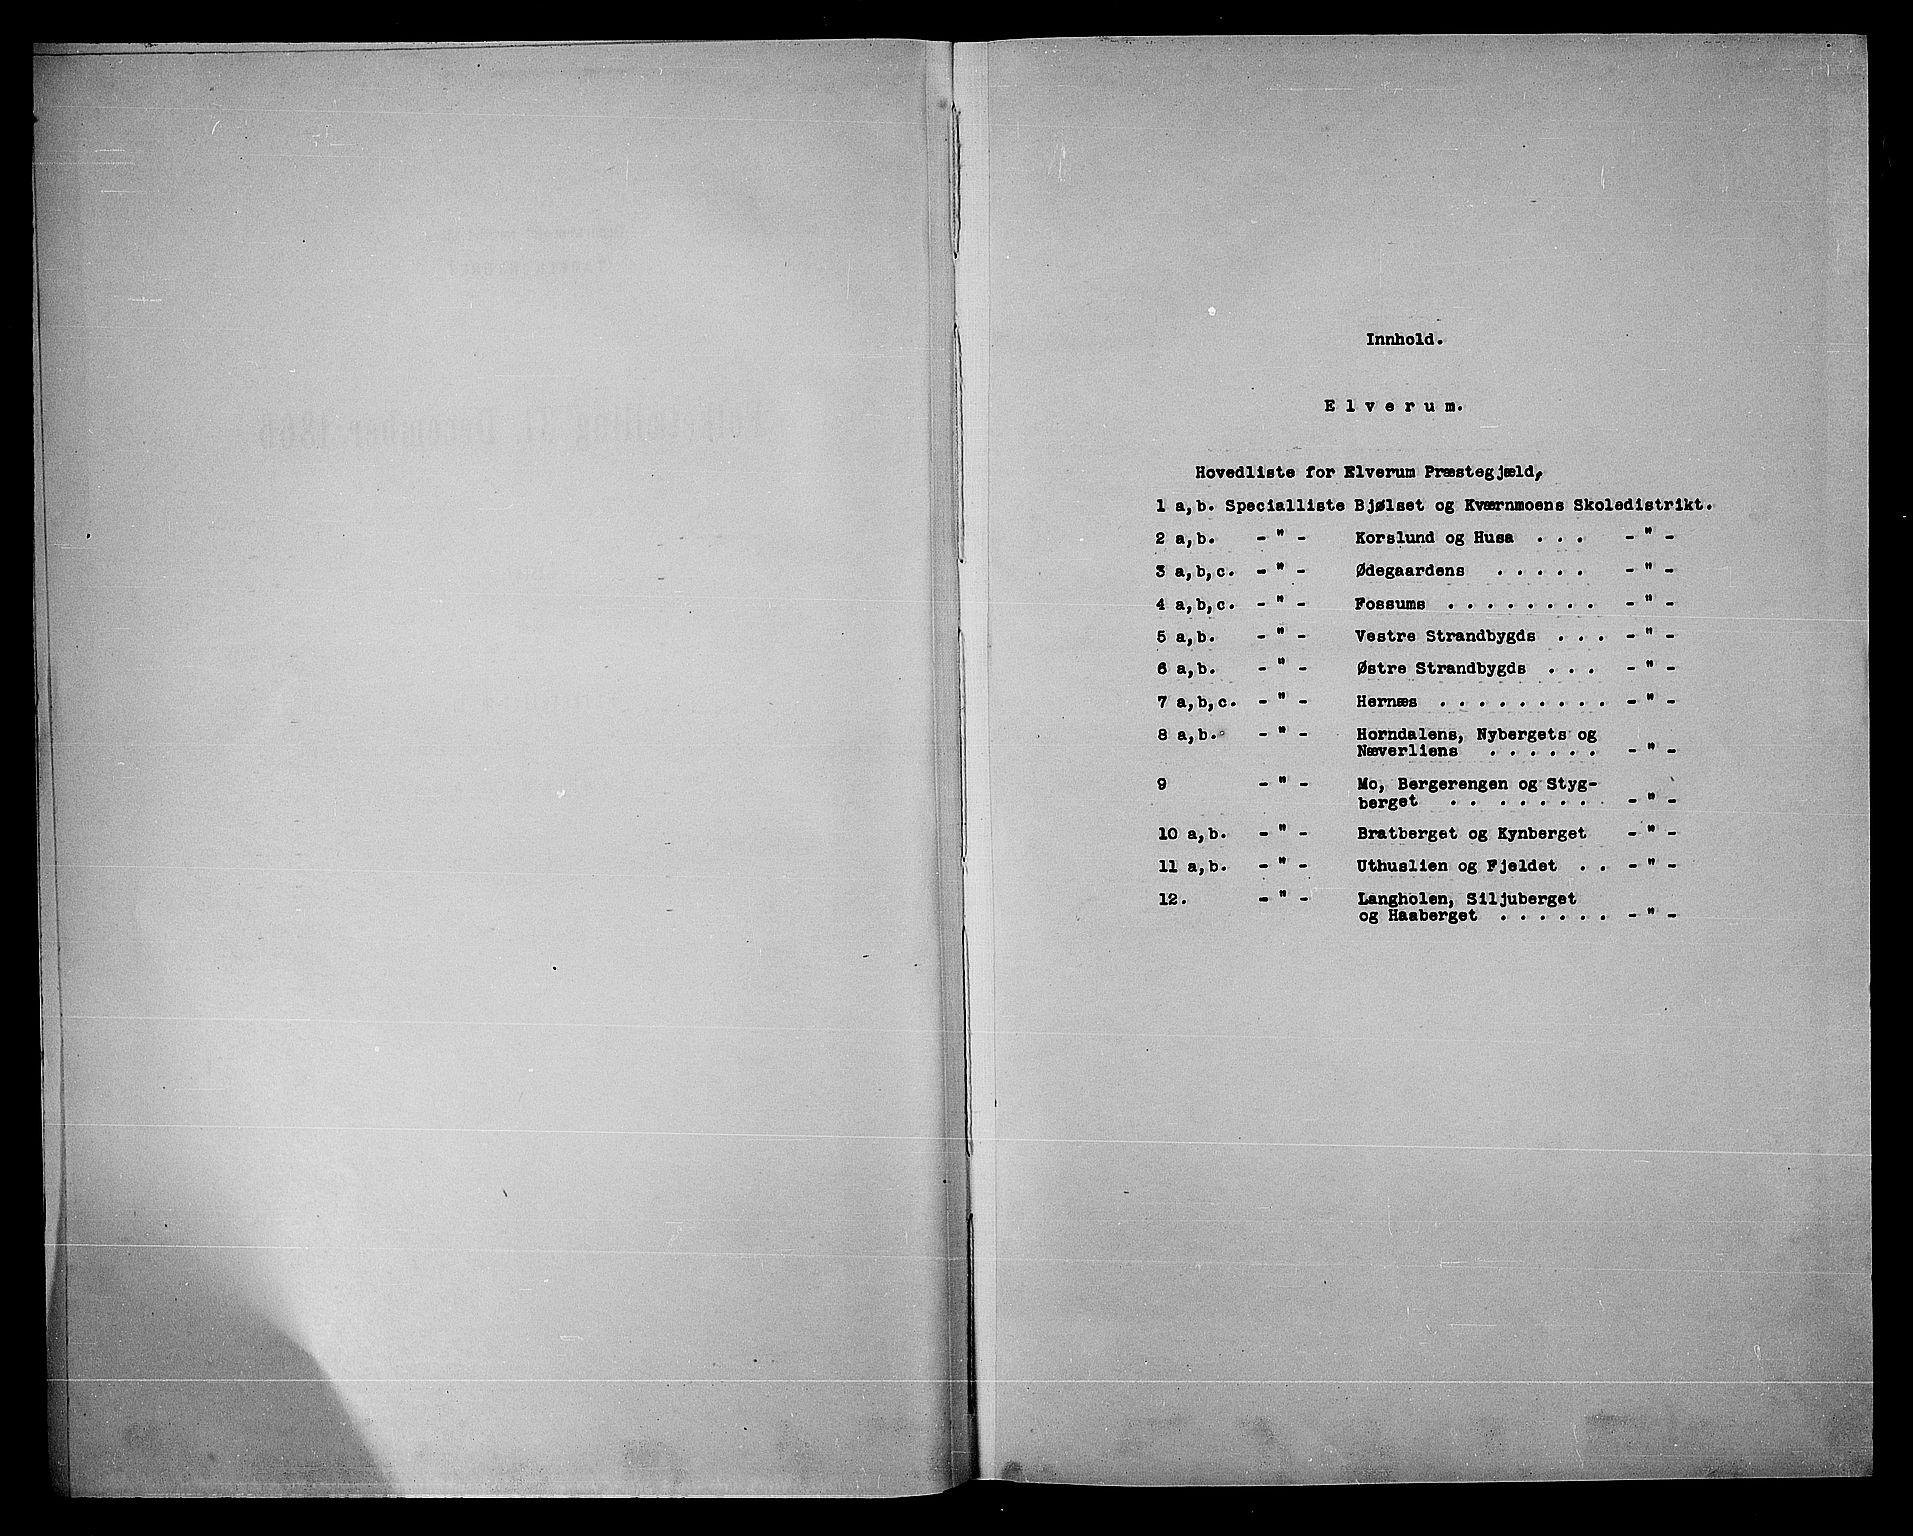 RA, Folketelling 1865 for 0427P Elverum prestegjeld, 1865, s. 4